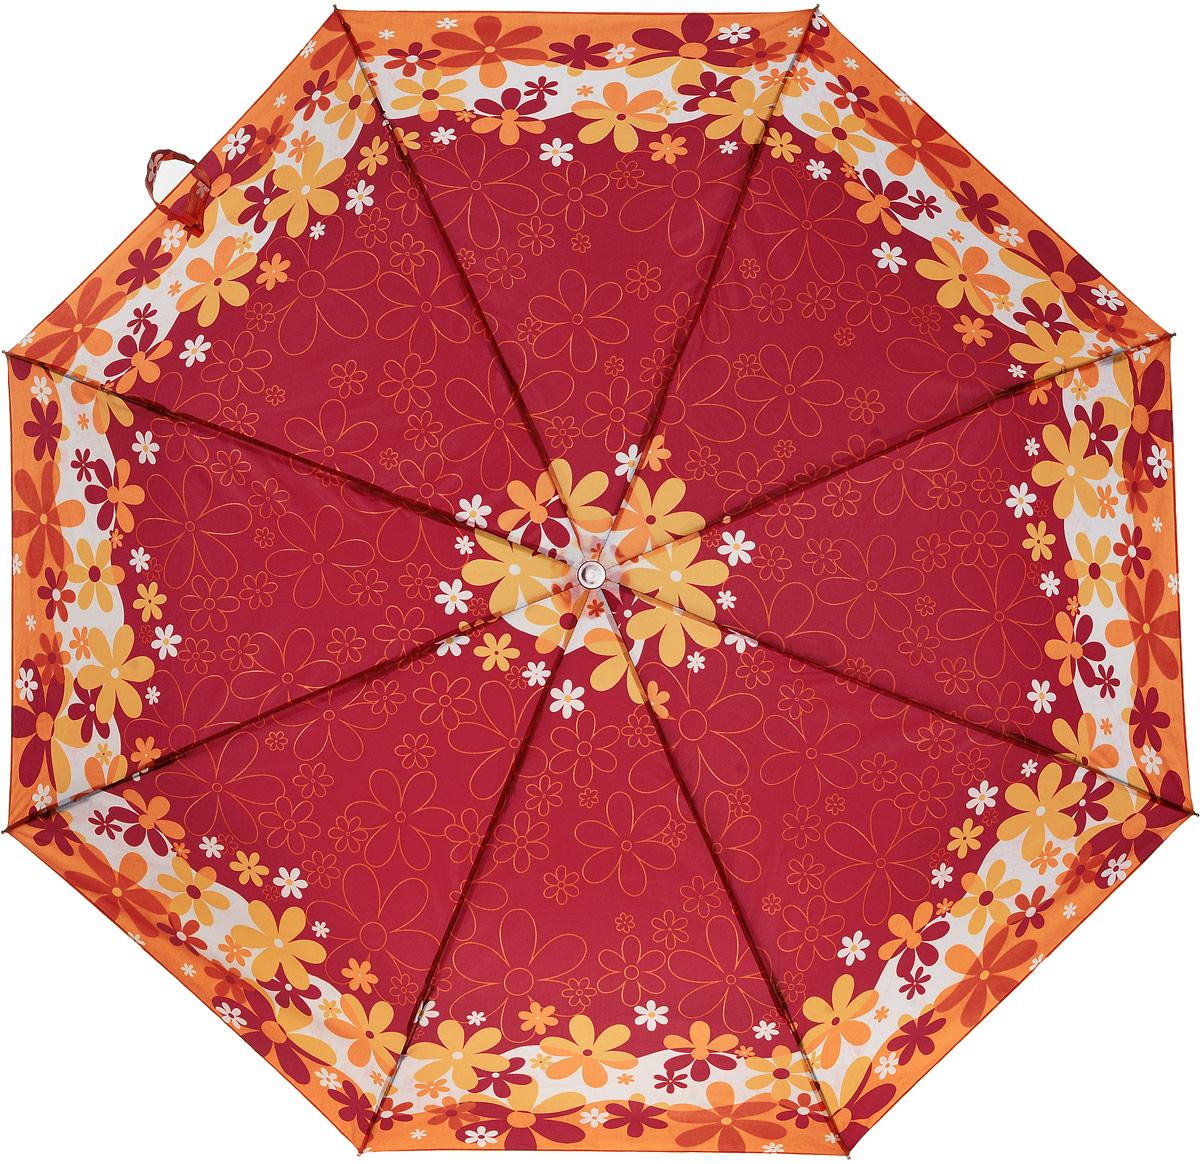 Зонт женский Prize, механический, 3 сложения, цвет: красный, оранжевый. 355-416355-416Классический женский зонт в 3 сложения с механической системой открытия и закрытия. Удобная ручка выполнена из пластика. Модель зонта выполнена в стандартном размере. Данная модель пердставляет собой эконом класс.